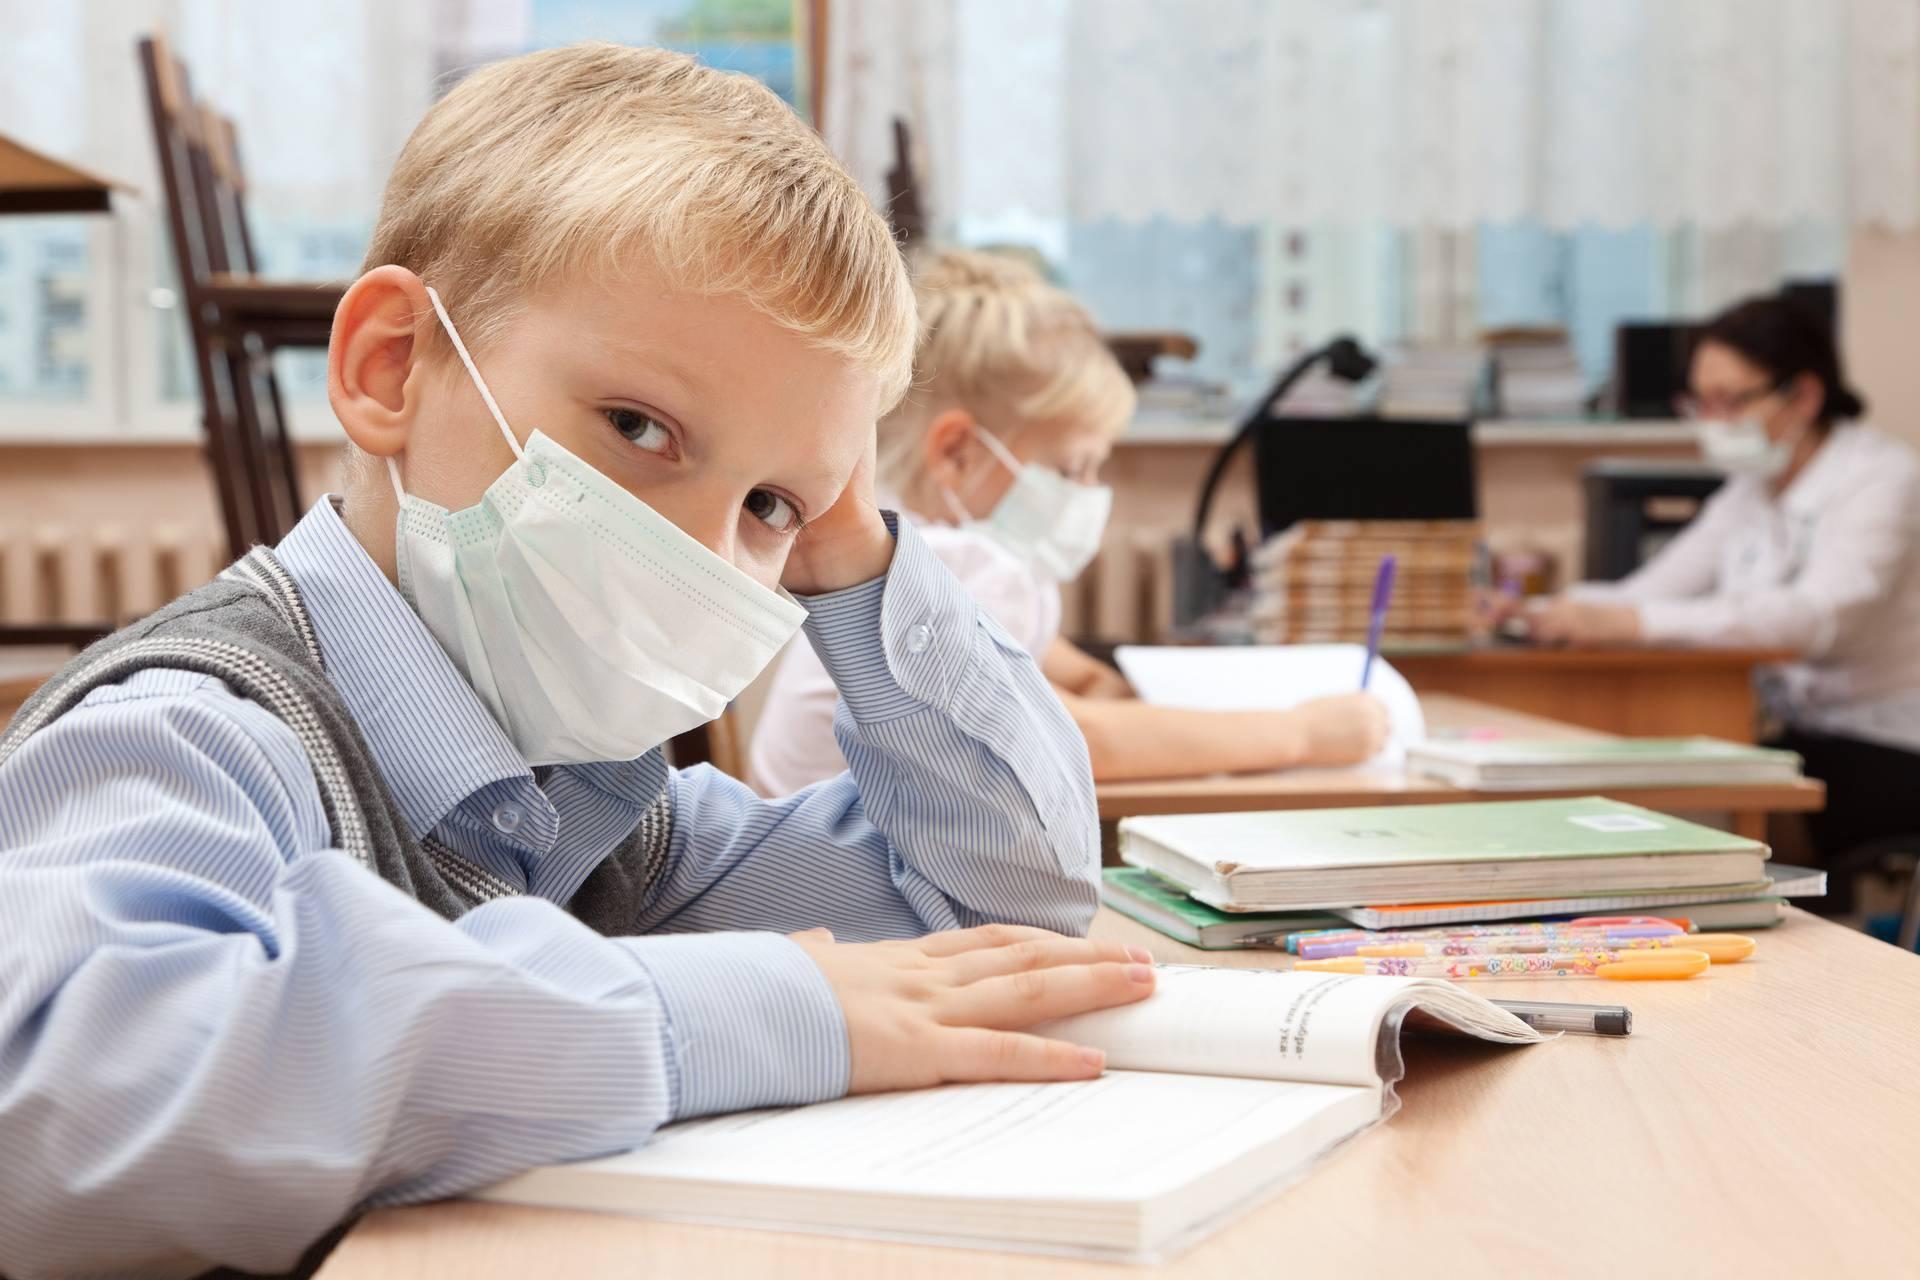 Škole uvode maske i za male, Ivana Pavić Šimetin: To nismo preporučili, ne trebaju im